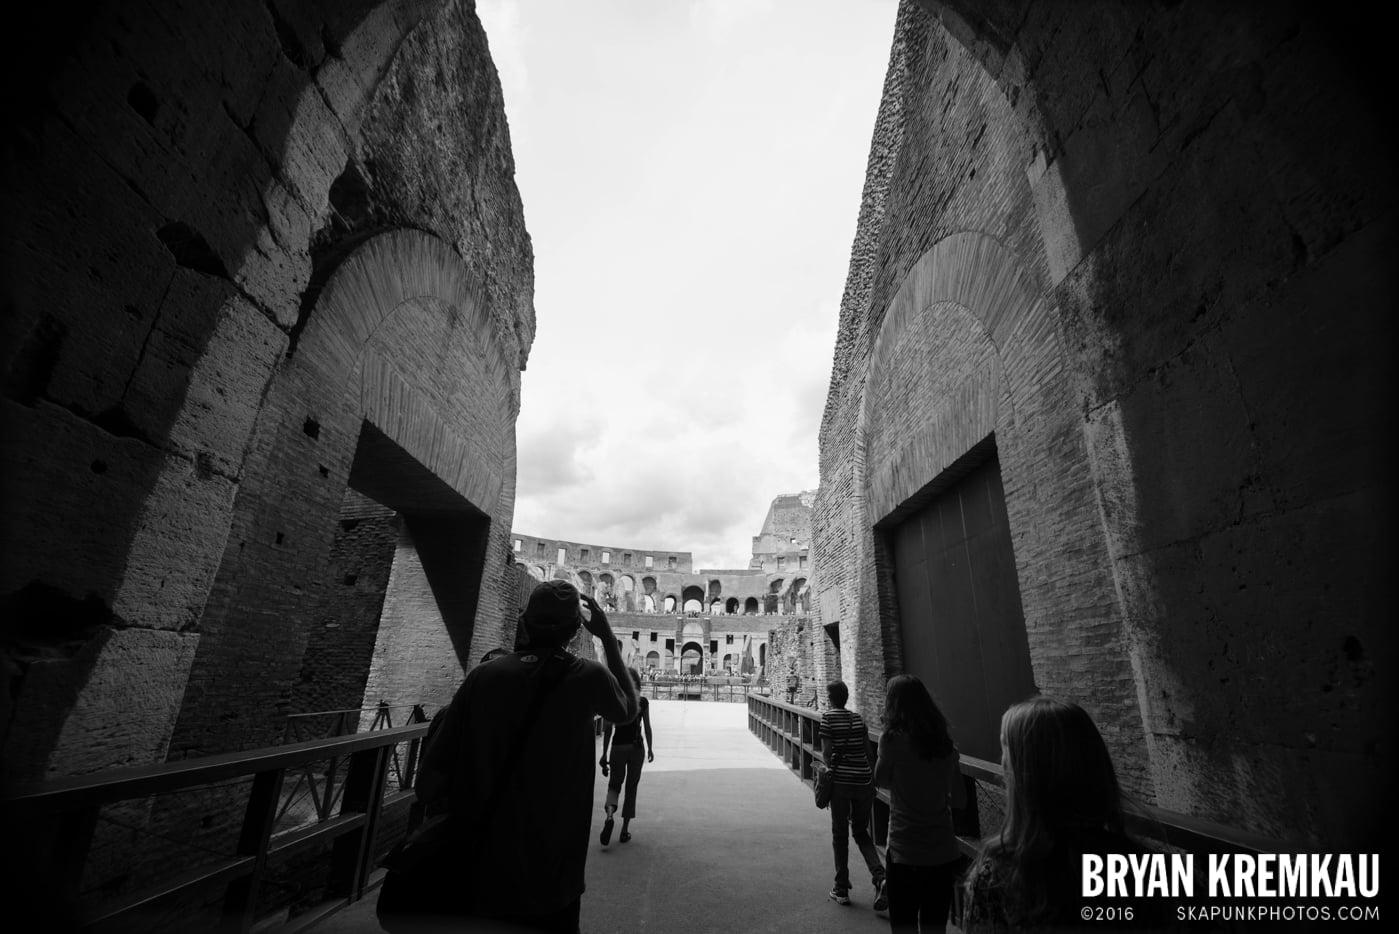 Italy Vacation - Day 2: Rome - 9.10.13 (68)